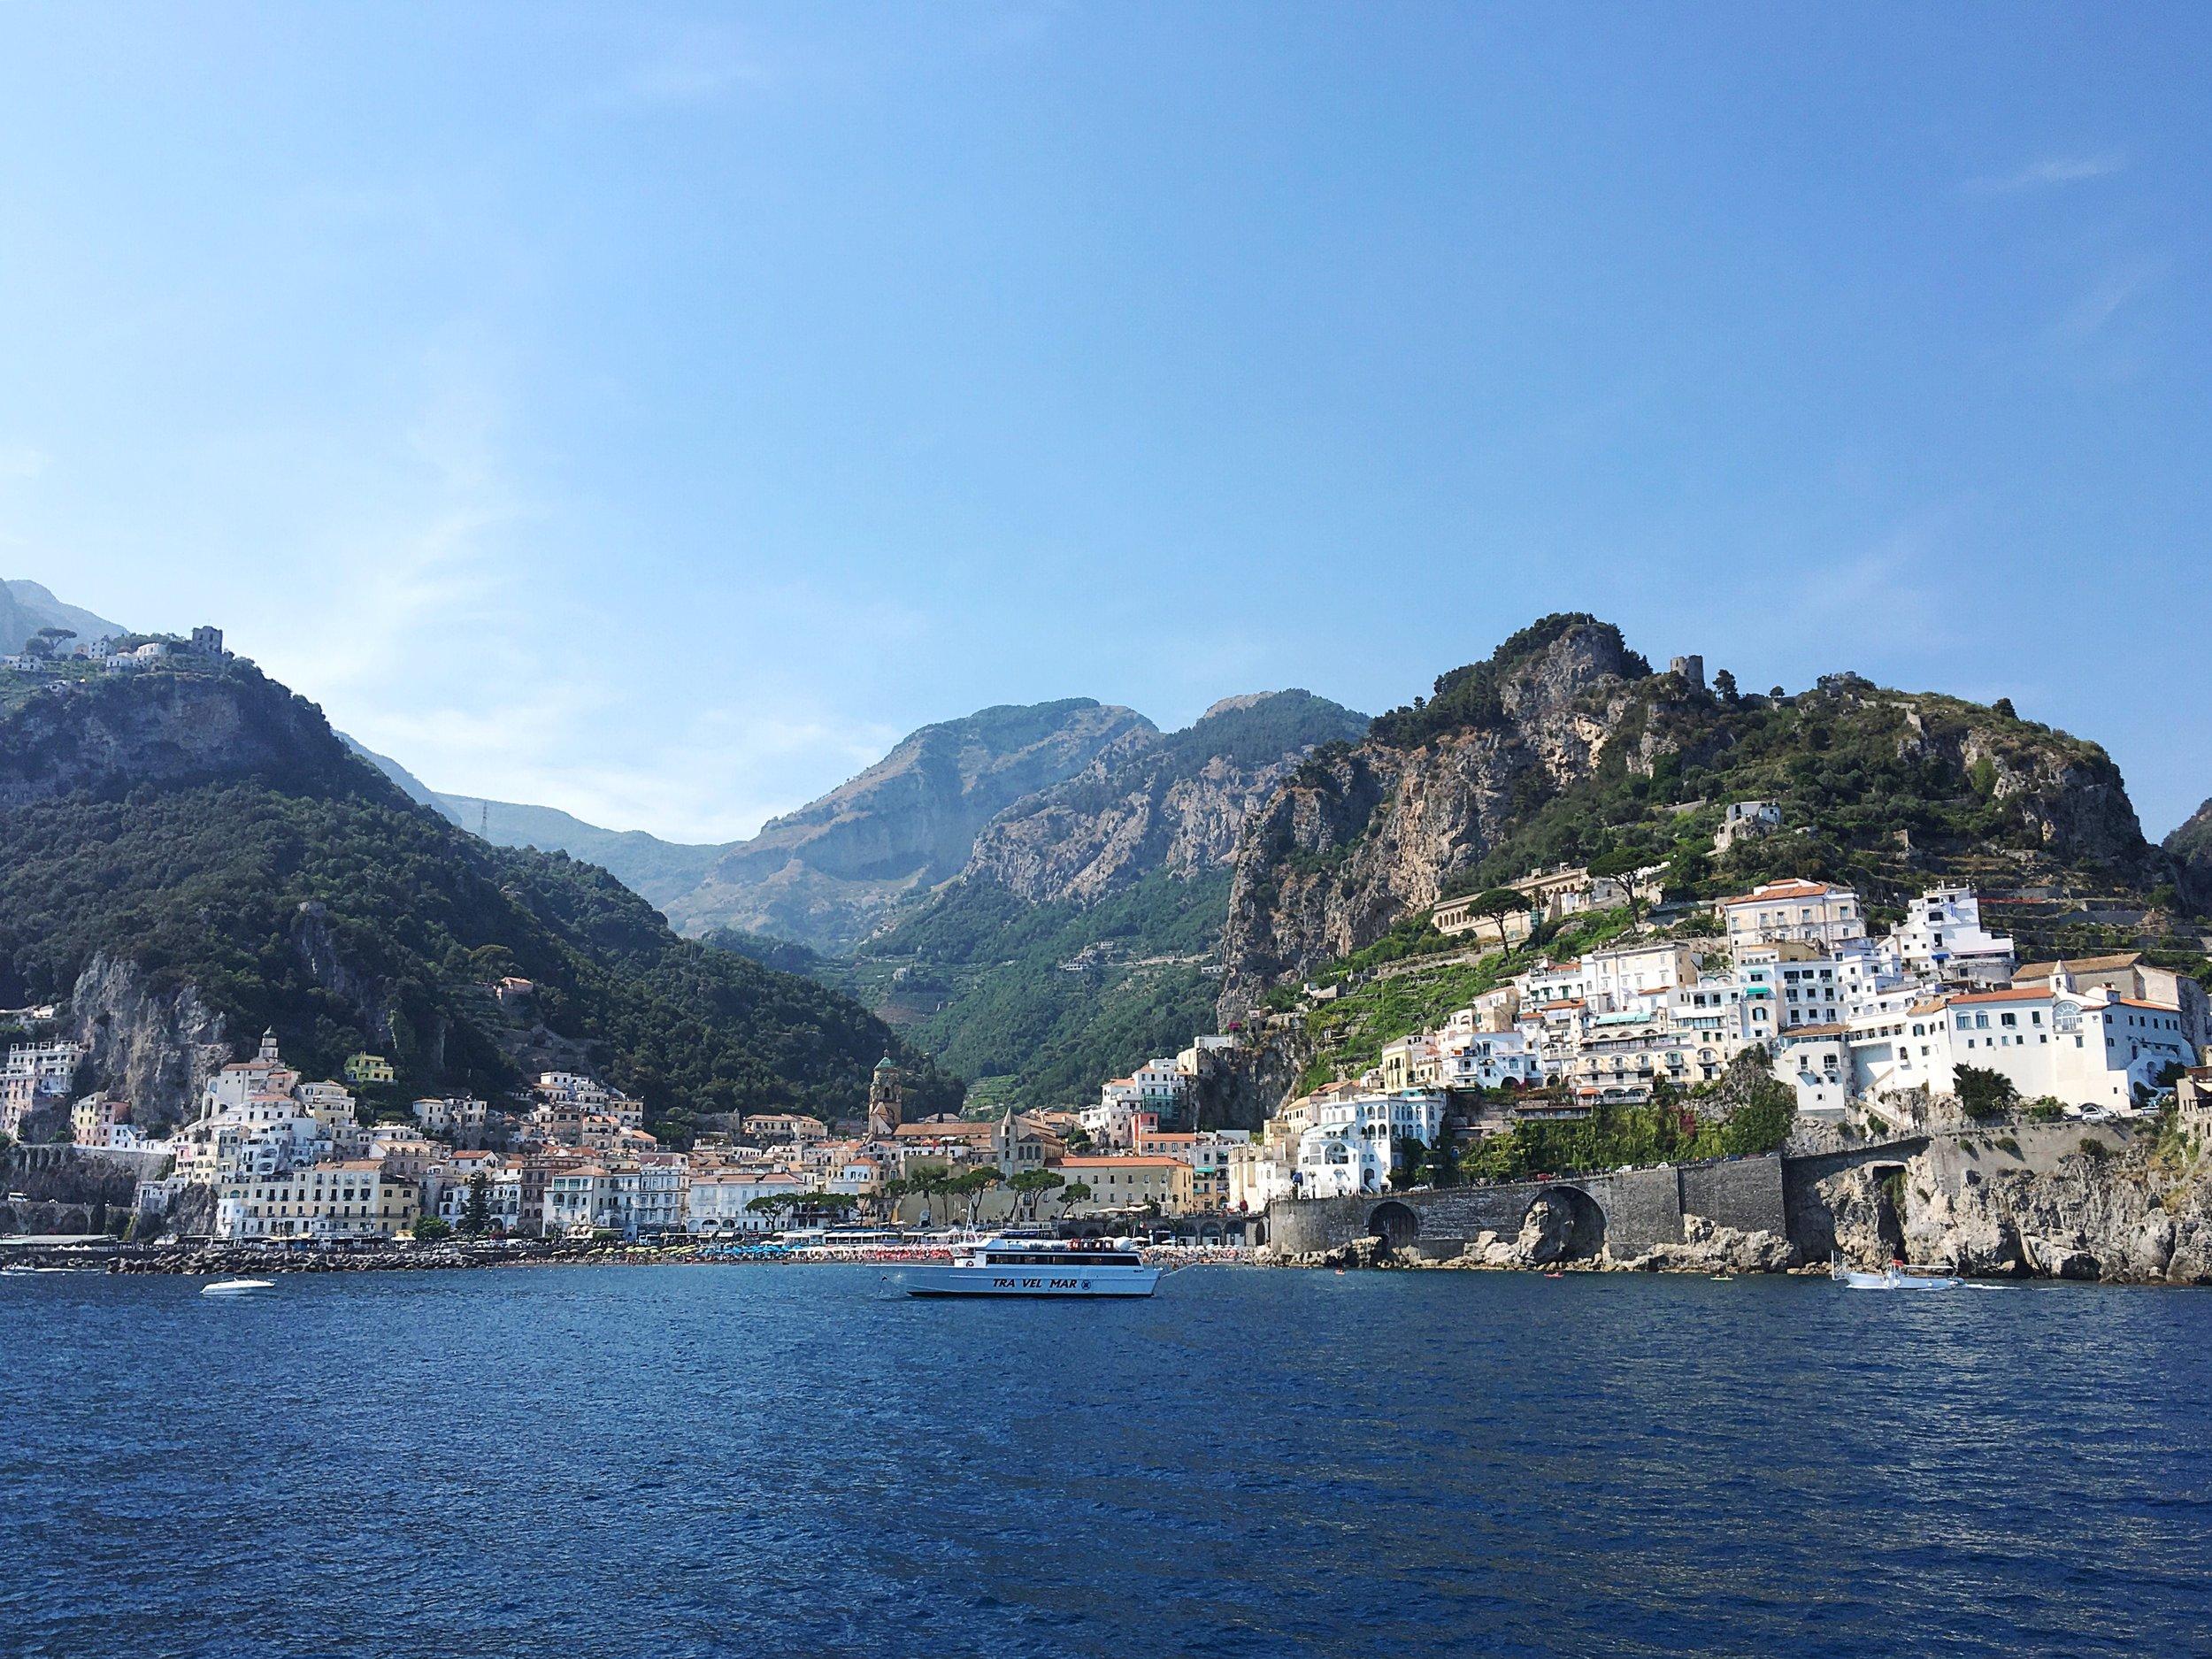 The-amalfi-coast